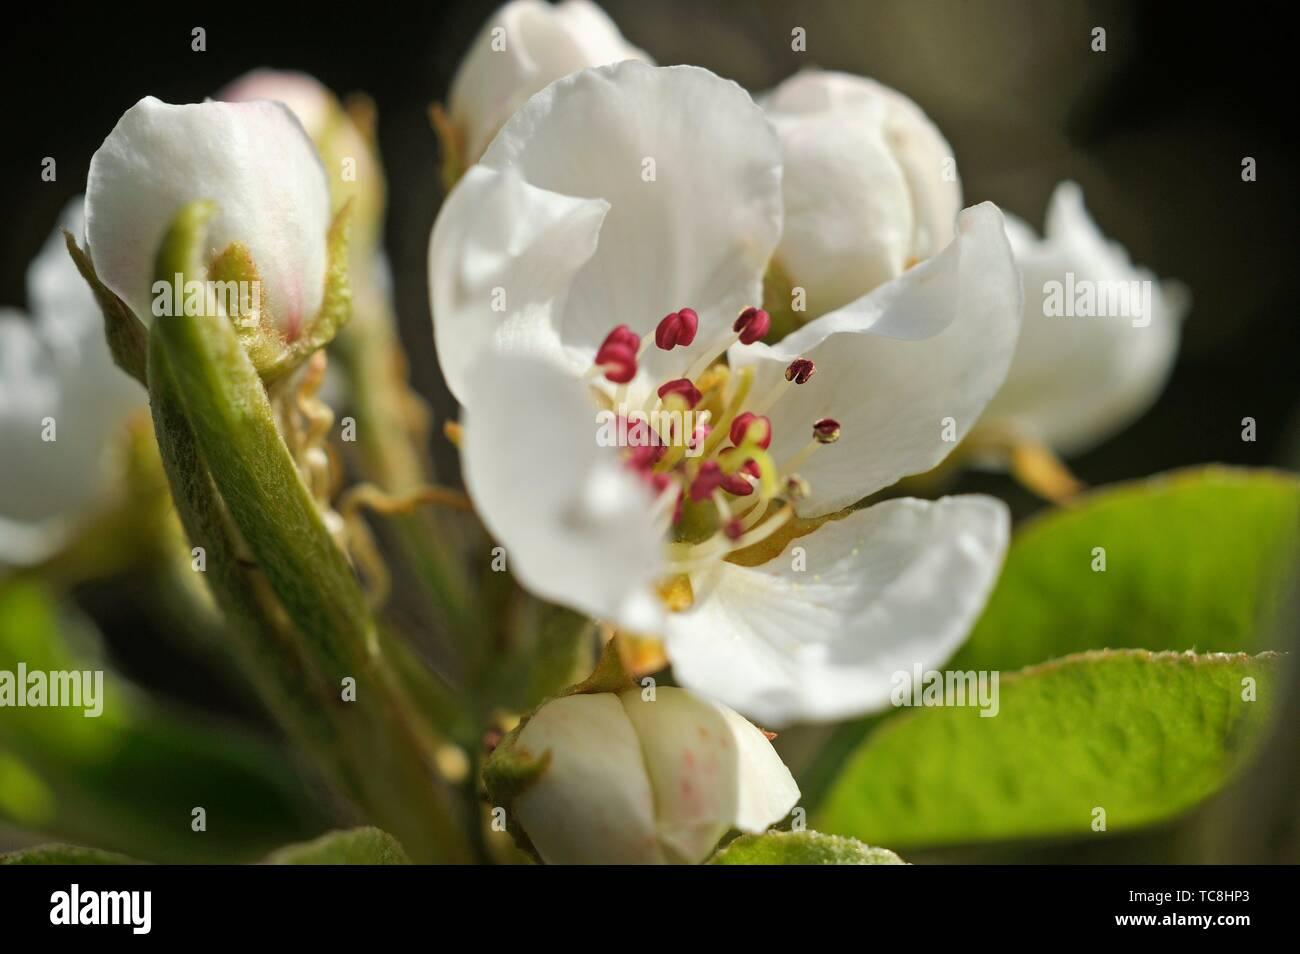 Pear tree in flower (Pyrus communis), Eure-et-Loir department, Centre-Val de Loire region, France, Europe. - Stock Image